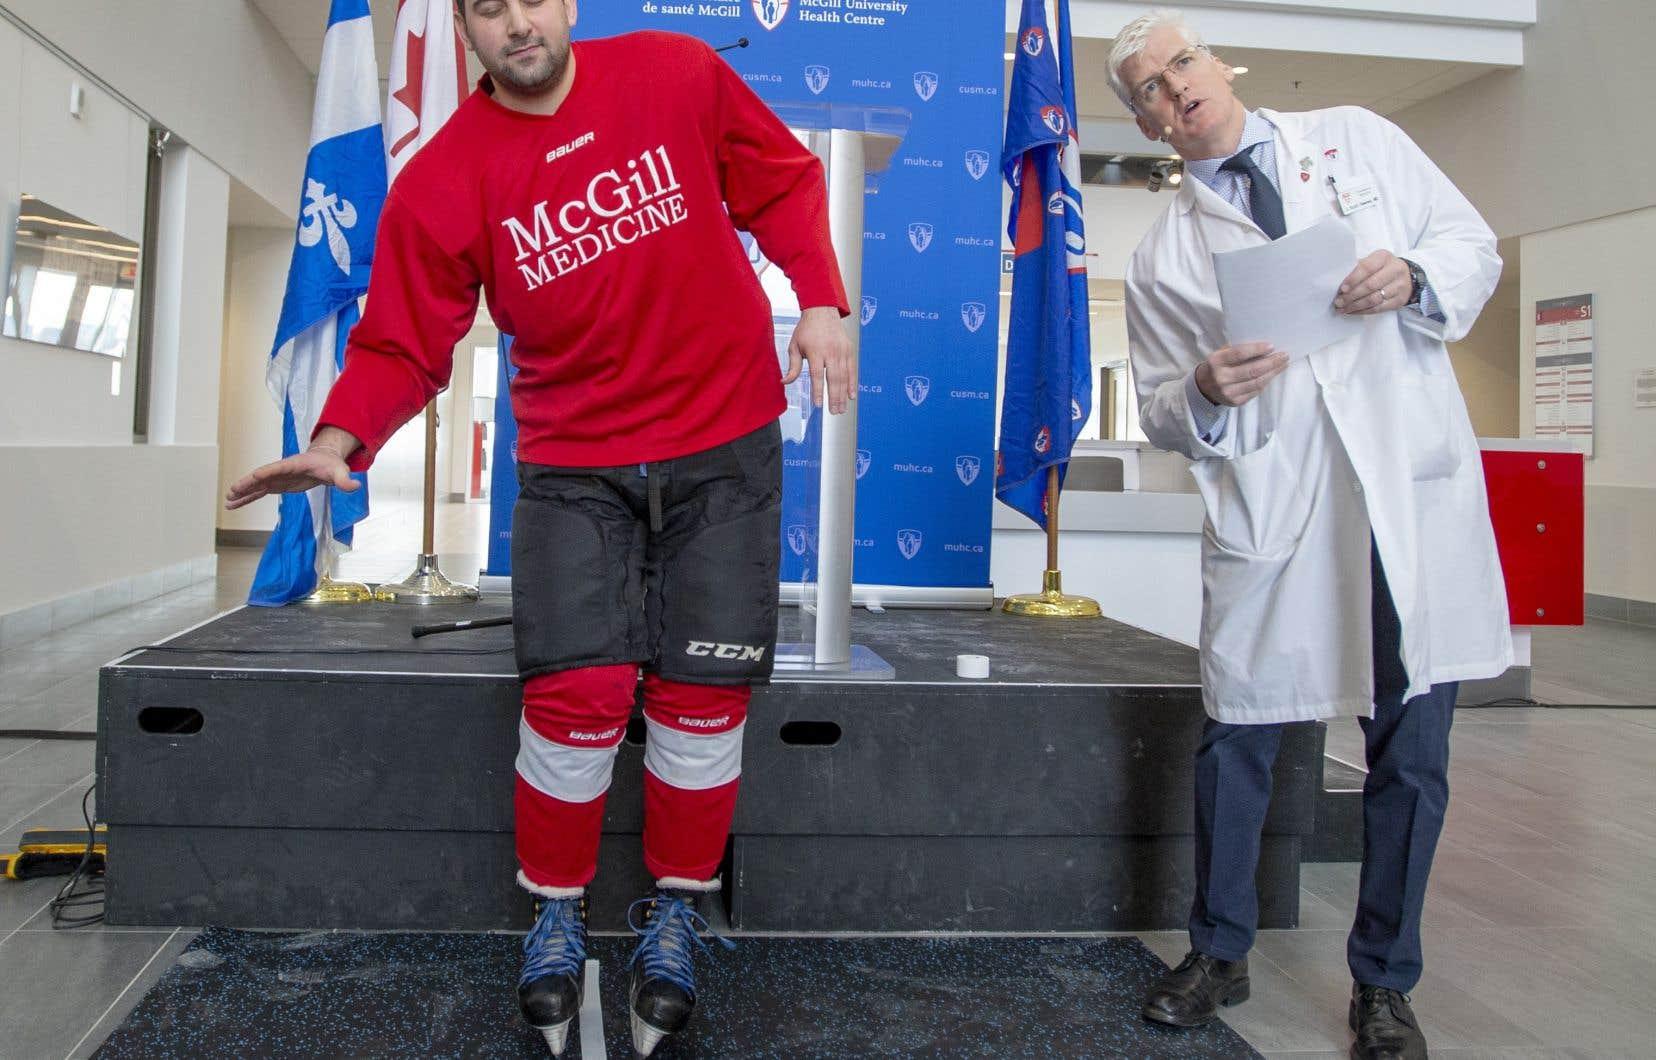 Une équipe de chercheurs, dirigée par le DrJ. Scott Delaney, adéveloppé une nouvelle technique qui pourrait servir à détecter la commotion d'un joueur avant que la partie de hockey ne soit terminée.